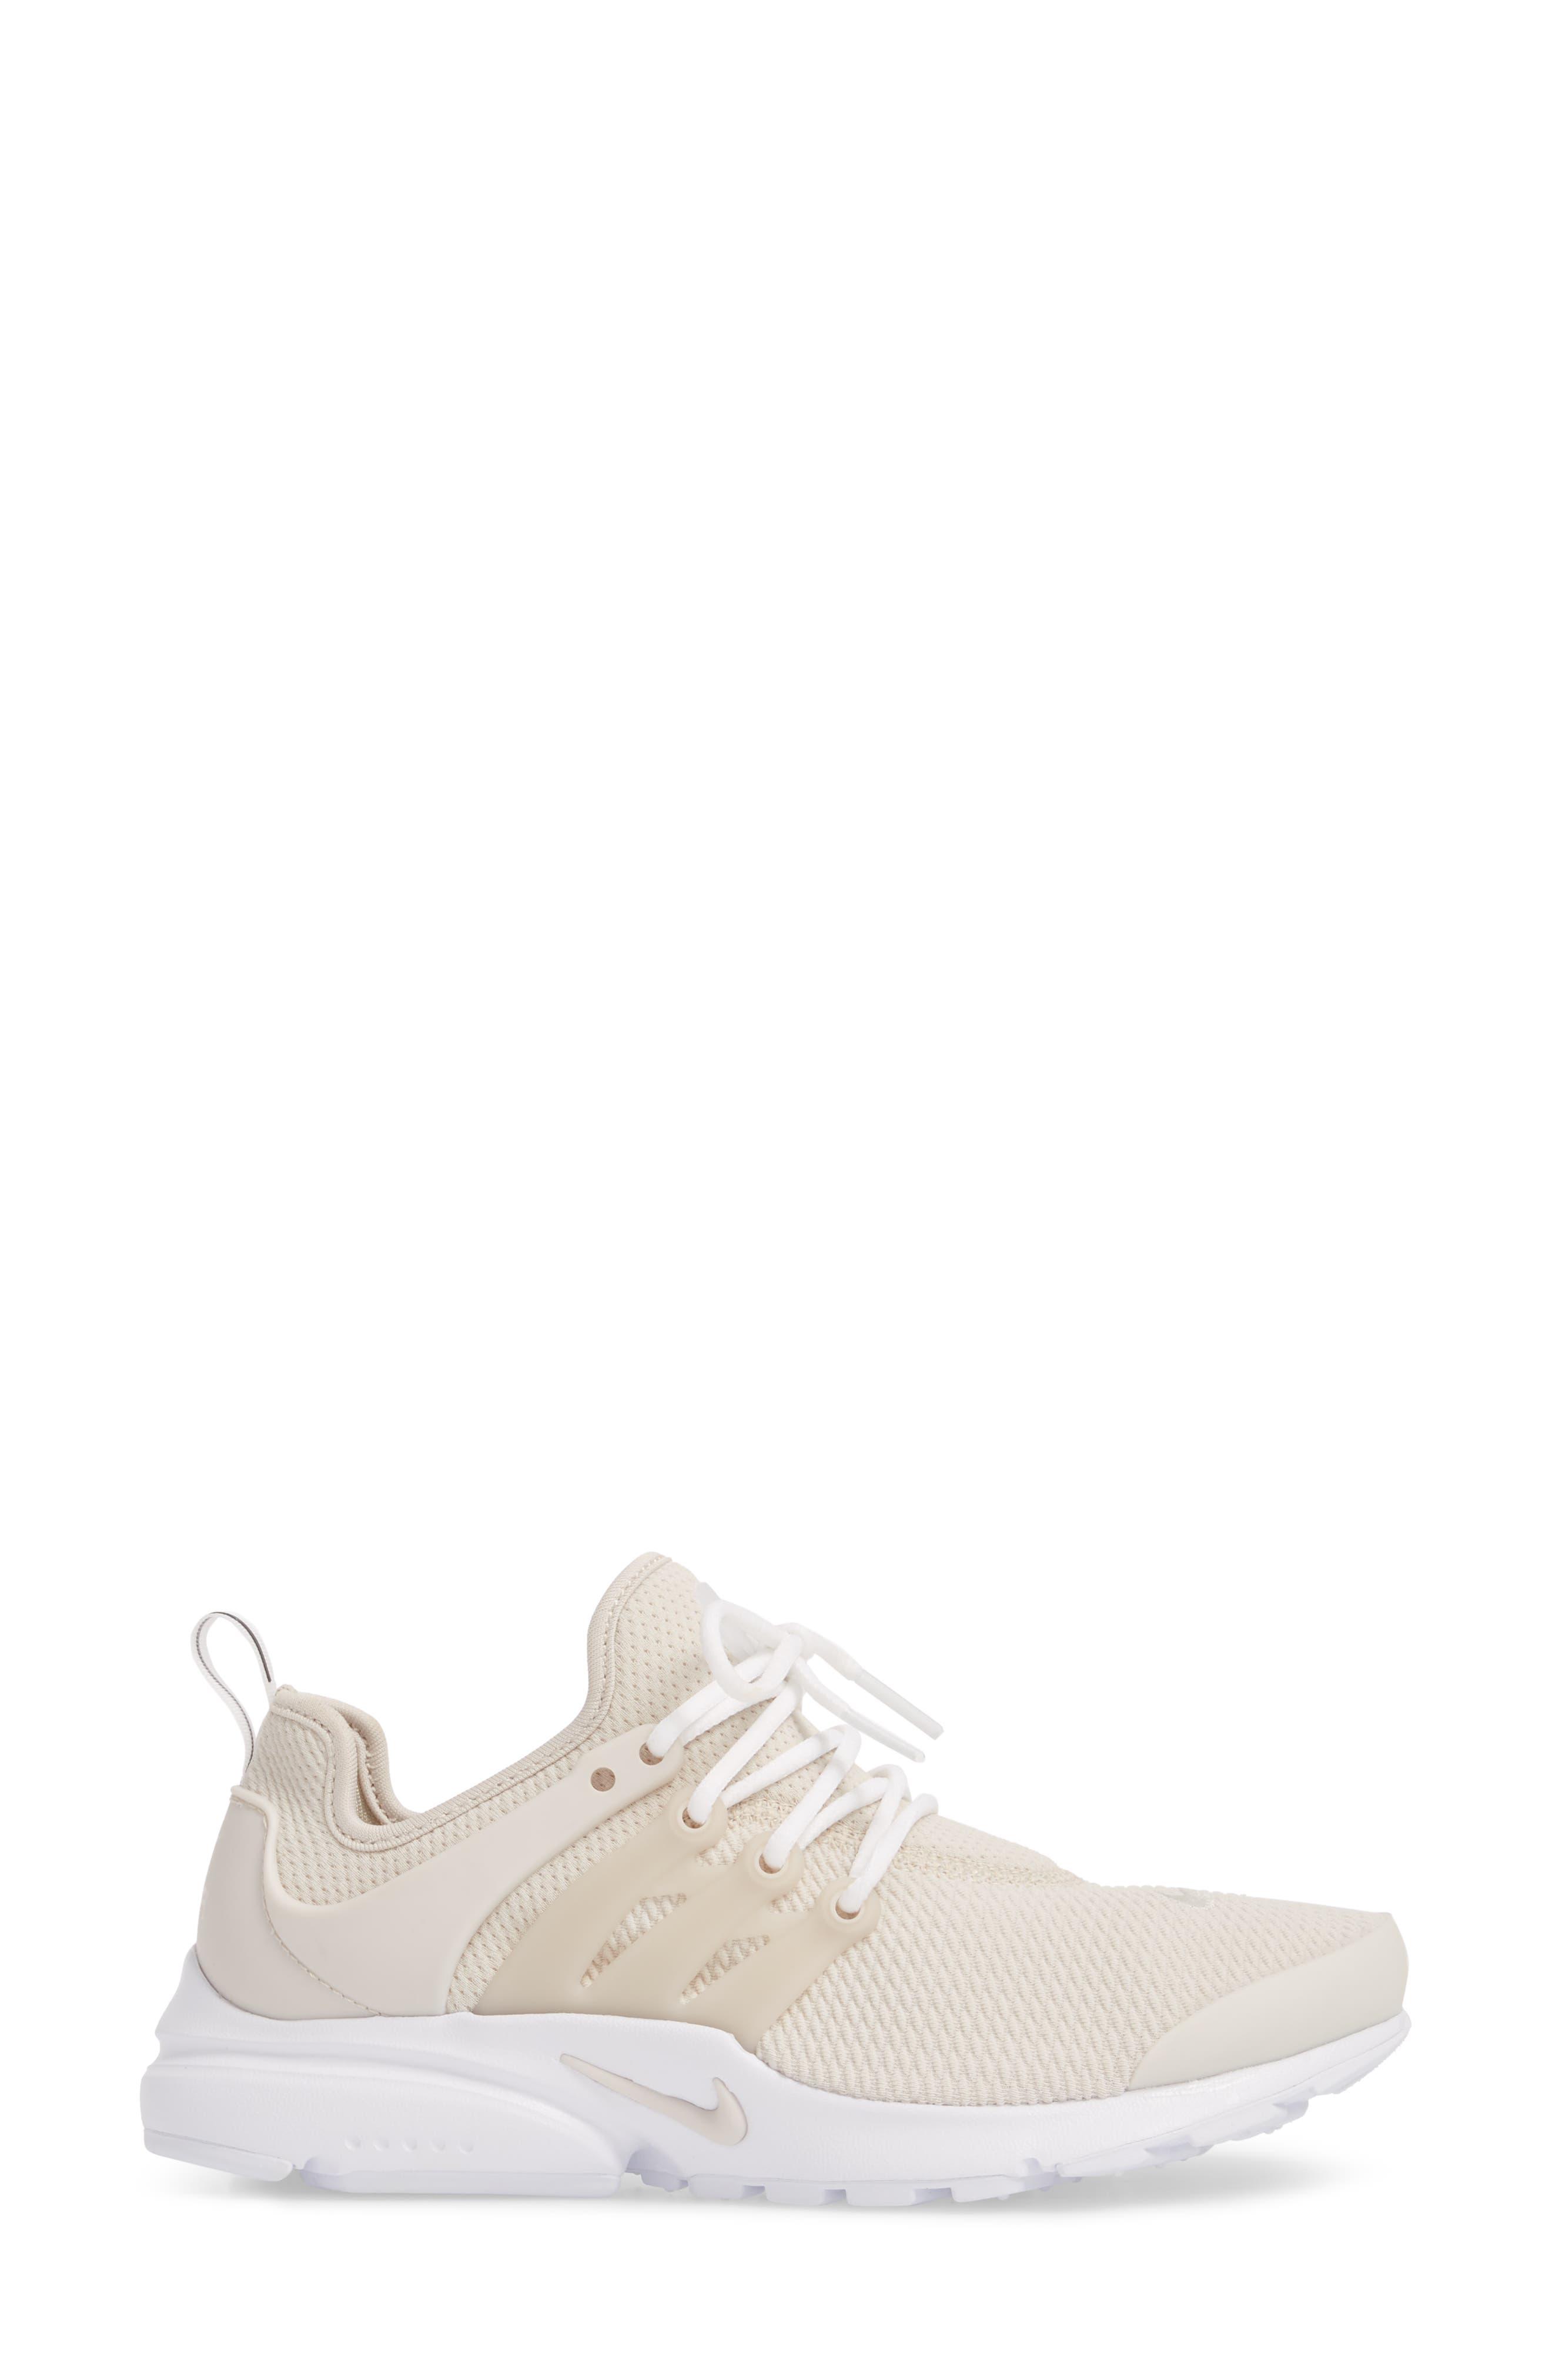 Air Presto Sneaker,                             Alternate thumbnail 3, color,                             Desert Sand/ Desert Sand